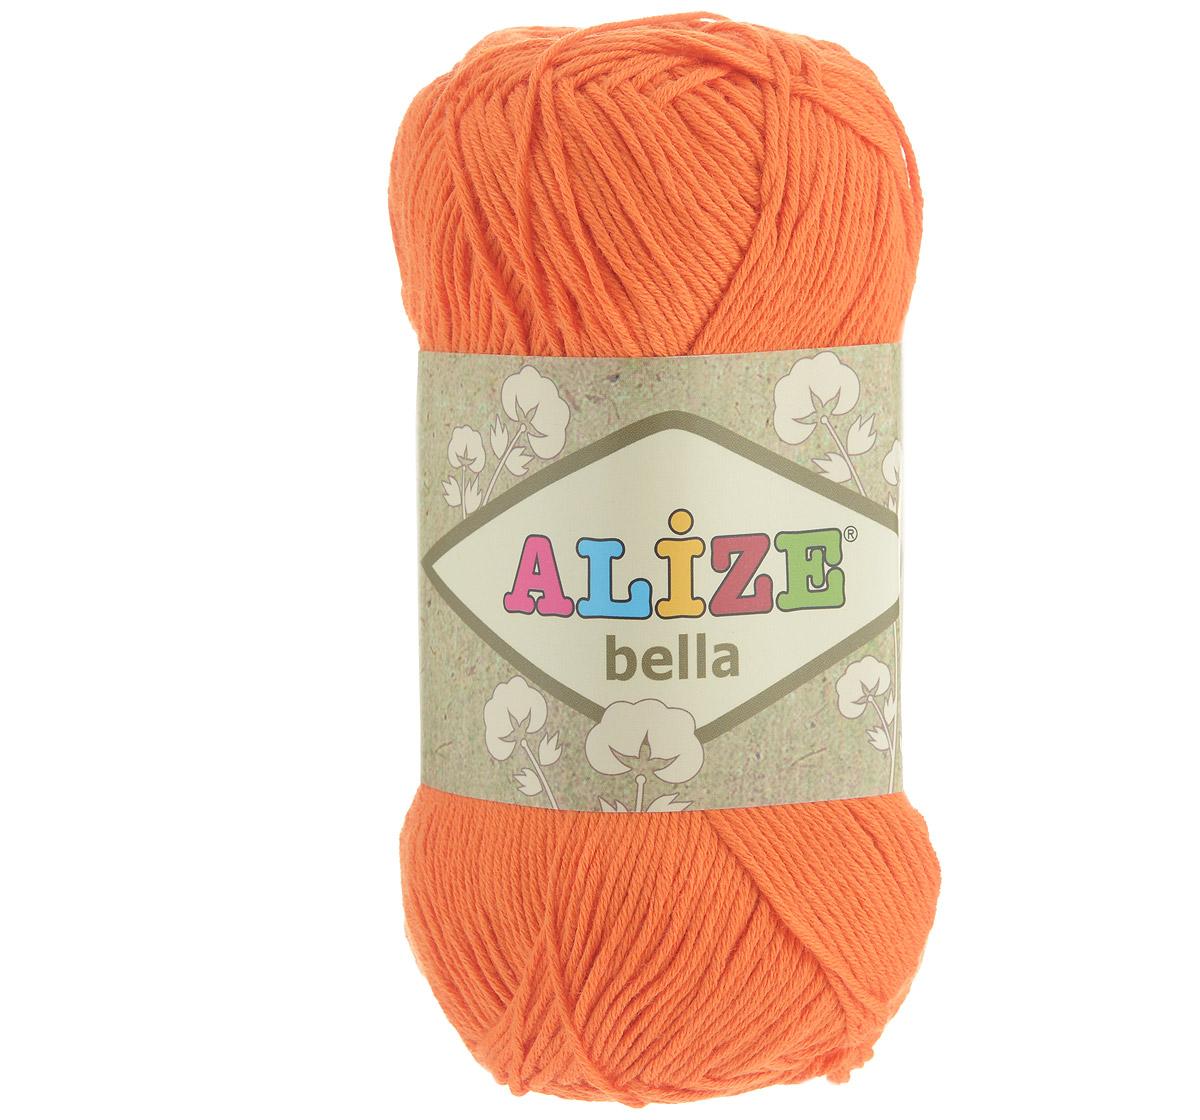 Пряжа для вязания Alize Bella, цвет: оранжевый (487), 180 м, 50 г, 5 шт364124_487Пряжа Alize Bella подходит для ручного вязания детям и взрослым. Пряжа однотонная, приятная на ощупь, хорошо лежит в полотне. Изделия из такой нити получаются мягкие и красивые. Рекомендованные спицы 2-4 мм и крючок для вязания 1-3 мм. Комплектация: 5 мотков. Состав: 100% хлопок.